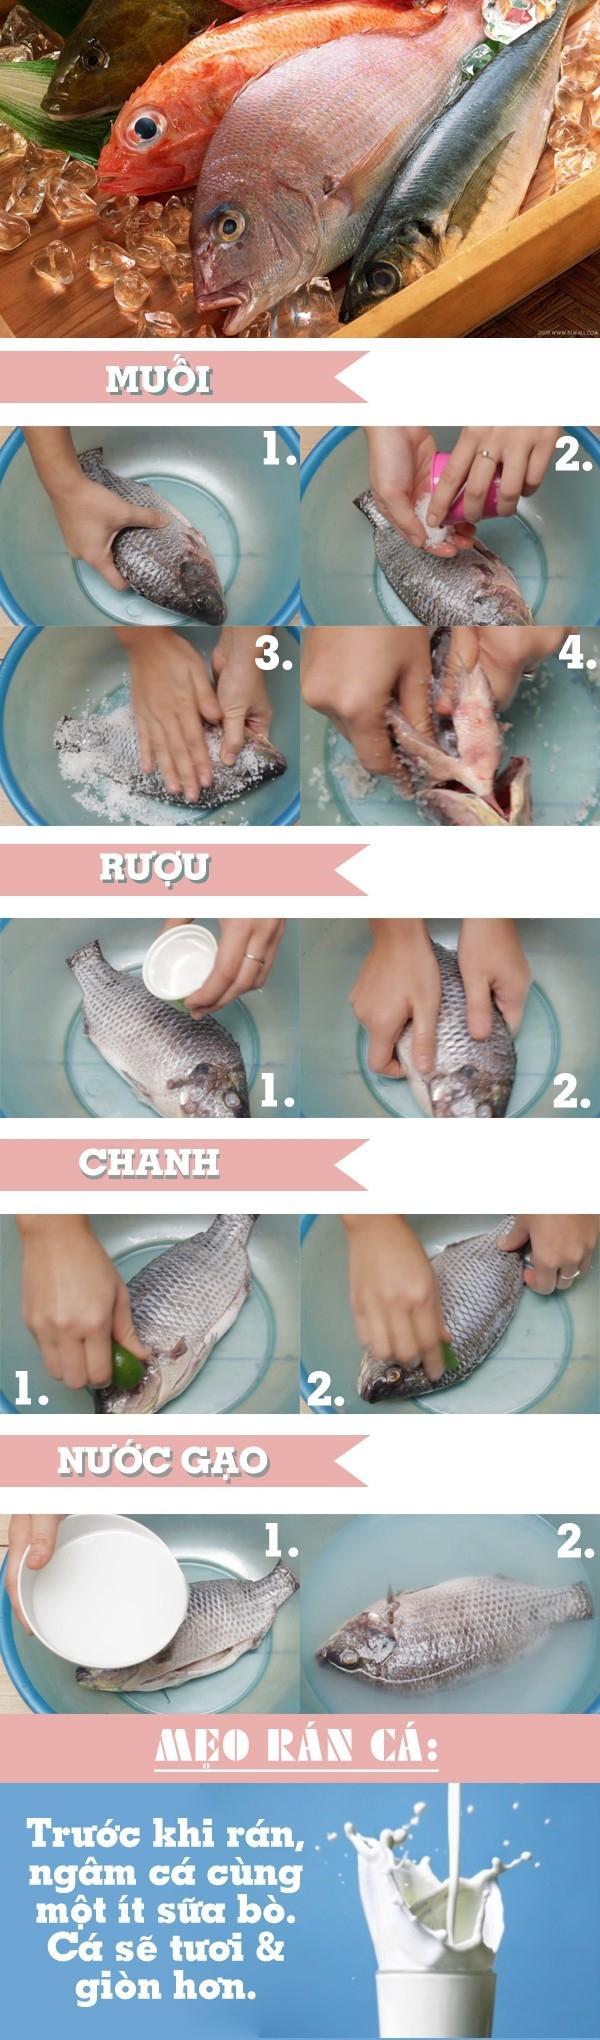 Các mẹo sơ chế giúp món cá không bị tanh